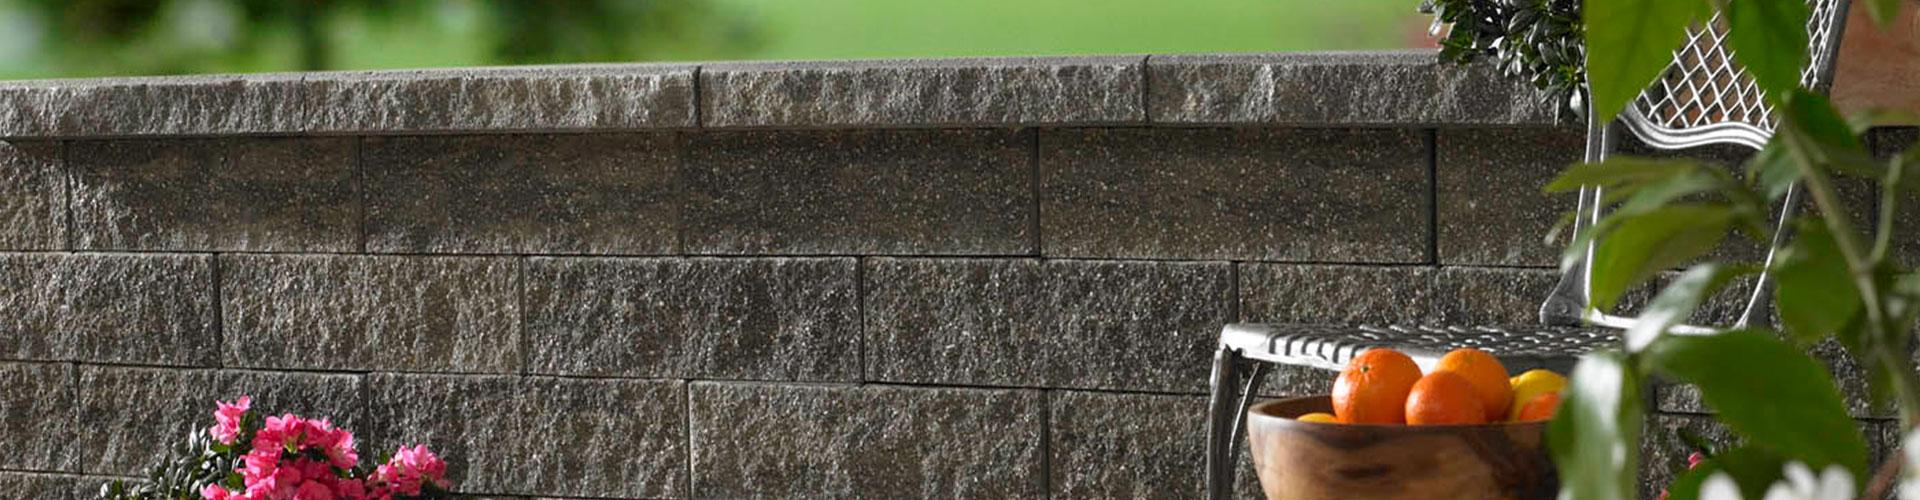 Kann Bausysteme Mauern Und Pflanzwande